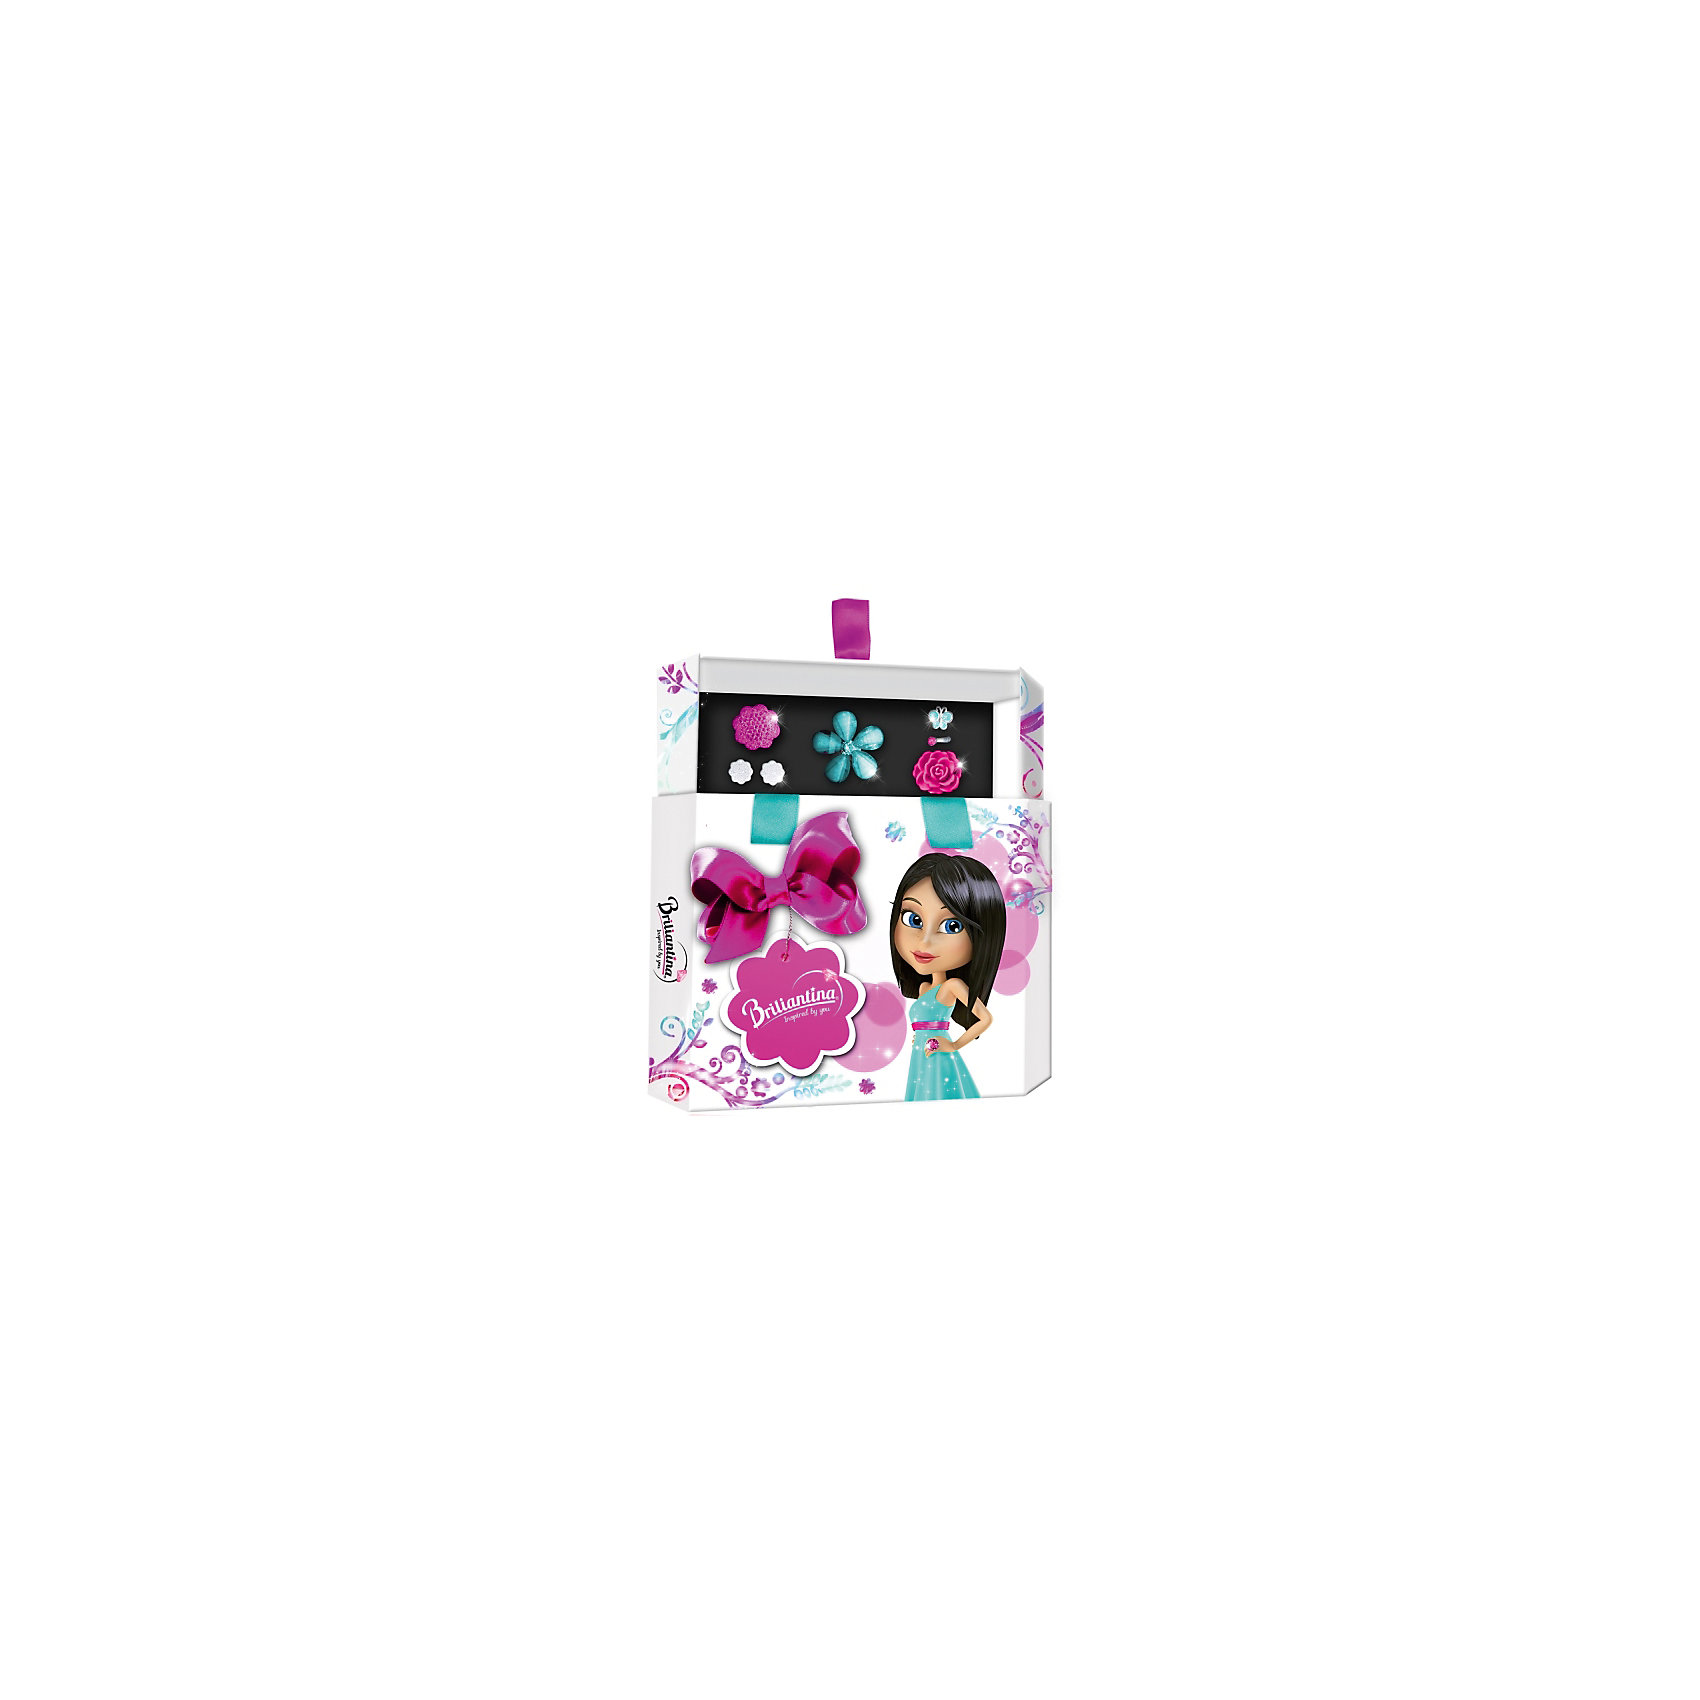 Шкатулка (цвет: весенний), BriliantinaХарактеристики:<br><br>• Вид игрушек: детская бижутерия<br>• Пол: для девочки<br>• Серия: Hex Box<br>• Материал: металл, пластик<br>• Цвет: серебристый, розовый, бирюзовый<br>• Размер кольца: универсальный<br>• Комплектация: 2 кольца серии Uno, 2 кольца серии Excelent, серьги, футляр<br>• Размер упаковки(Д*Ш*В): 15,5*5,5*17 см<br>• Вес: 160 г<br>• Упаковка: футляр <br>• Допускается сухая и влажная чистка<br><br>Шкатулка (цвет: весенний), Briliantina из коллекции детской бижутерии, которая создается в рамках творческого проекта совместно с детьми. Торговый бренд принадлежит чешскому производителю Briliantina. Корпус украшений изготавливается из сплава хрома и никеля, который не вызывает аллергии, не окисляется, обладает легким весом, при этом достаточно прочный. В качестве декоративных элементов используются стразы, кристаллы, которые надежно закреплены в изделии. Диаметр колец от Briliantina регулируется. <br><br>Набор состоит из 4 колец и пары сережек, которые сочетаются между собой. Комплект упакован в футляр, в нем предусмотрены дополнительные отделения для других украшений. Использование детской бижутерии научит правильно подбирать украшения в зависимости от выбранного образа, сочетать их между собой, что будет способствовать формированию индивидуального стиля вашей девочки.<br><br>Шкатулка (цвет: весенний), Briliantina станет идеальным подарком для девочки к любому празднику.<br><br>Шкатулку (цвет: весенний), Briliantina можно купить в нашем интернет-магазине.<br><br>Ширина мм: 155<br>Глубина мм: 55<br>Высота мм: 170<br>Вес г: 160<br>Возраст от месяцев: 36<br>Возраст до месяцев: 84<br>Пол: Женский<br>Возраст: Детский<br>SKU: 5418932